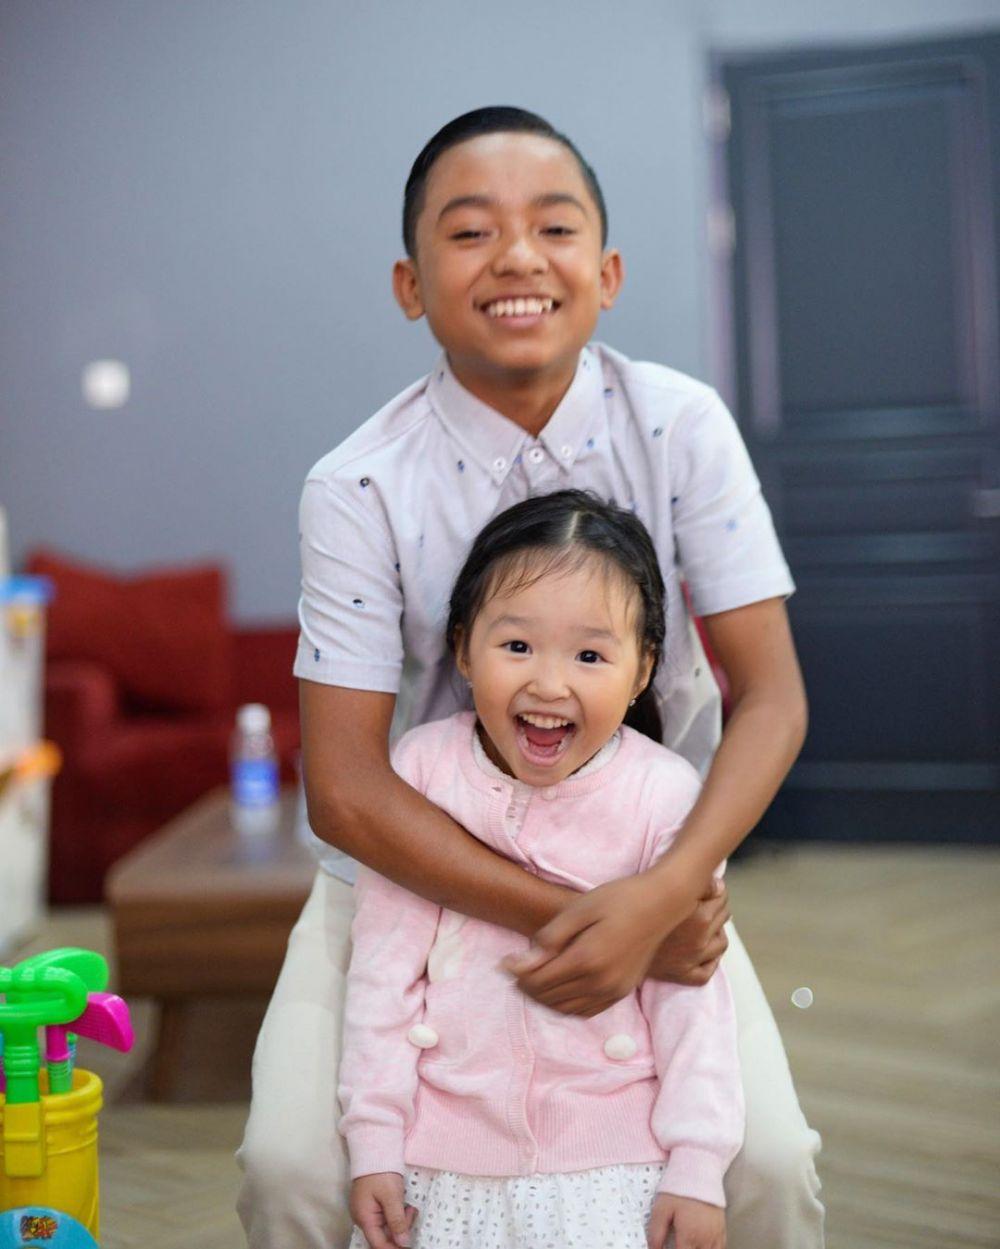 11 Potret Kedekatan Thalia & Betrand Peto, Sibling Goals!